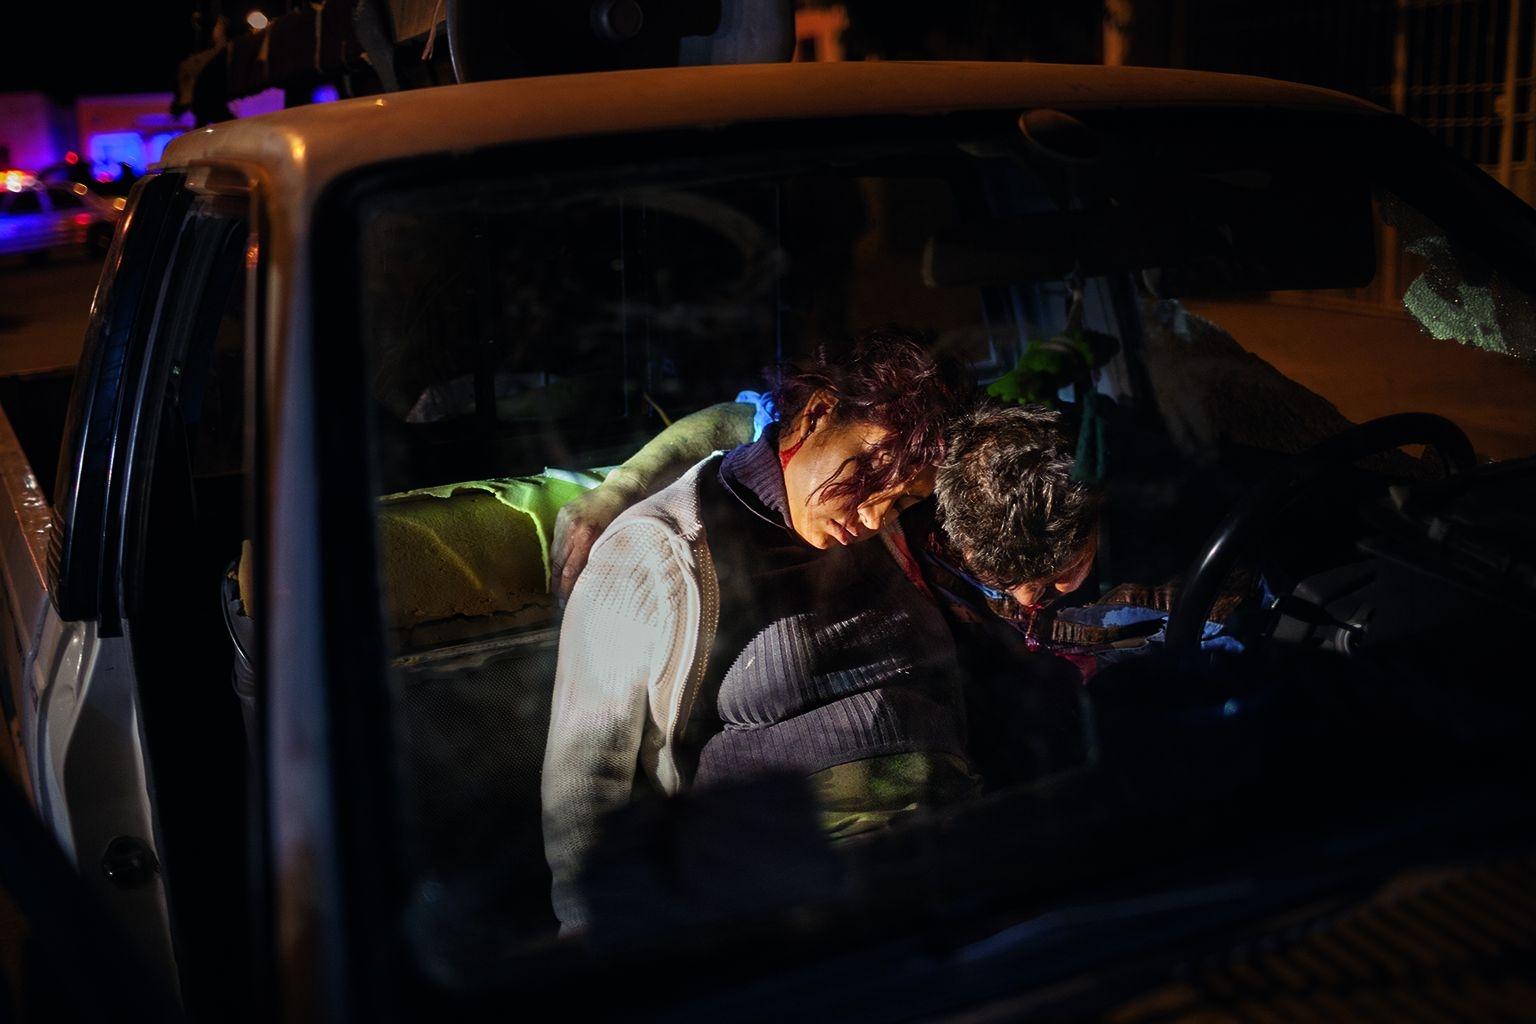 照片中的夫妻和他們未誕生的孩子死於一槍下,凍結在最後的擁抱中。這座快速成長的城市在犯罪最猖獗之時,每天約有十人死於暴力犯罪。攝影:多明尼克.伯拉寇二世 Dominic Bracco II